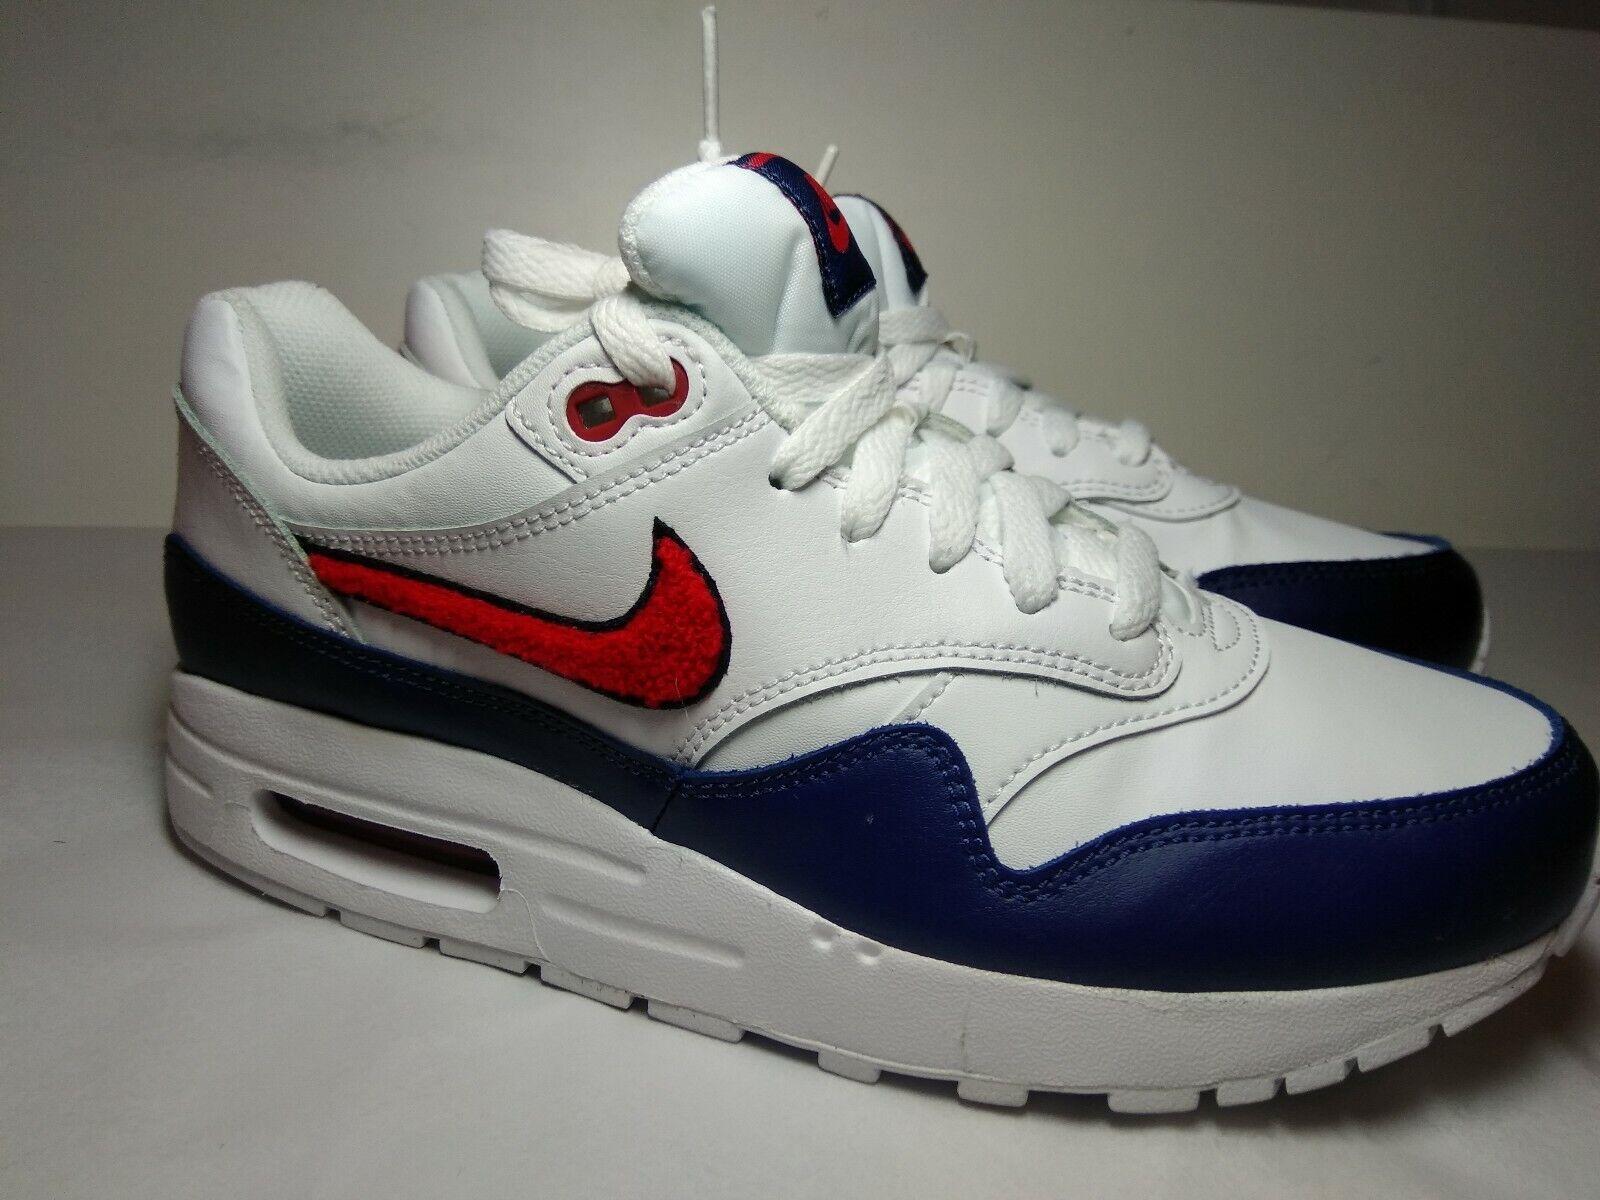 Nike Max 1 se uk6 us6.5 Air eur39; Gimnasio Cuero Zero 90 95 1 97 publicaremos TN Plus 98